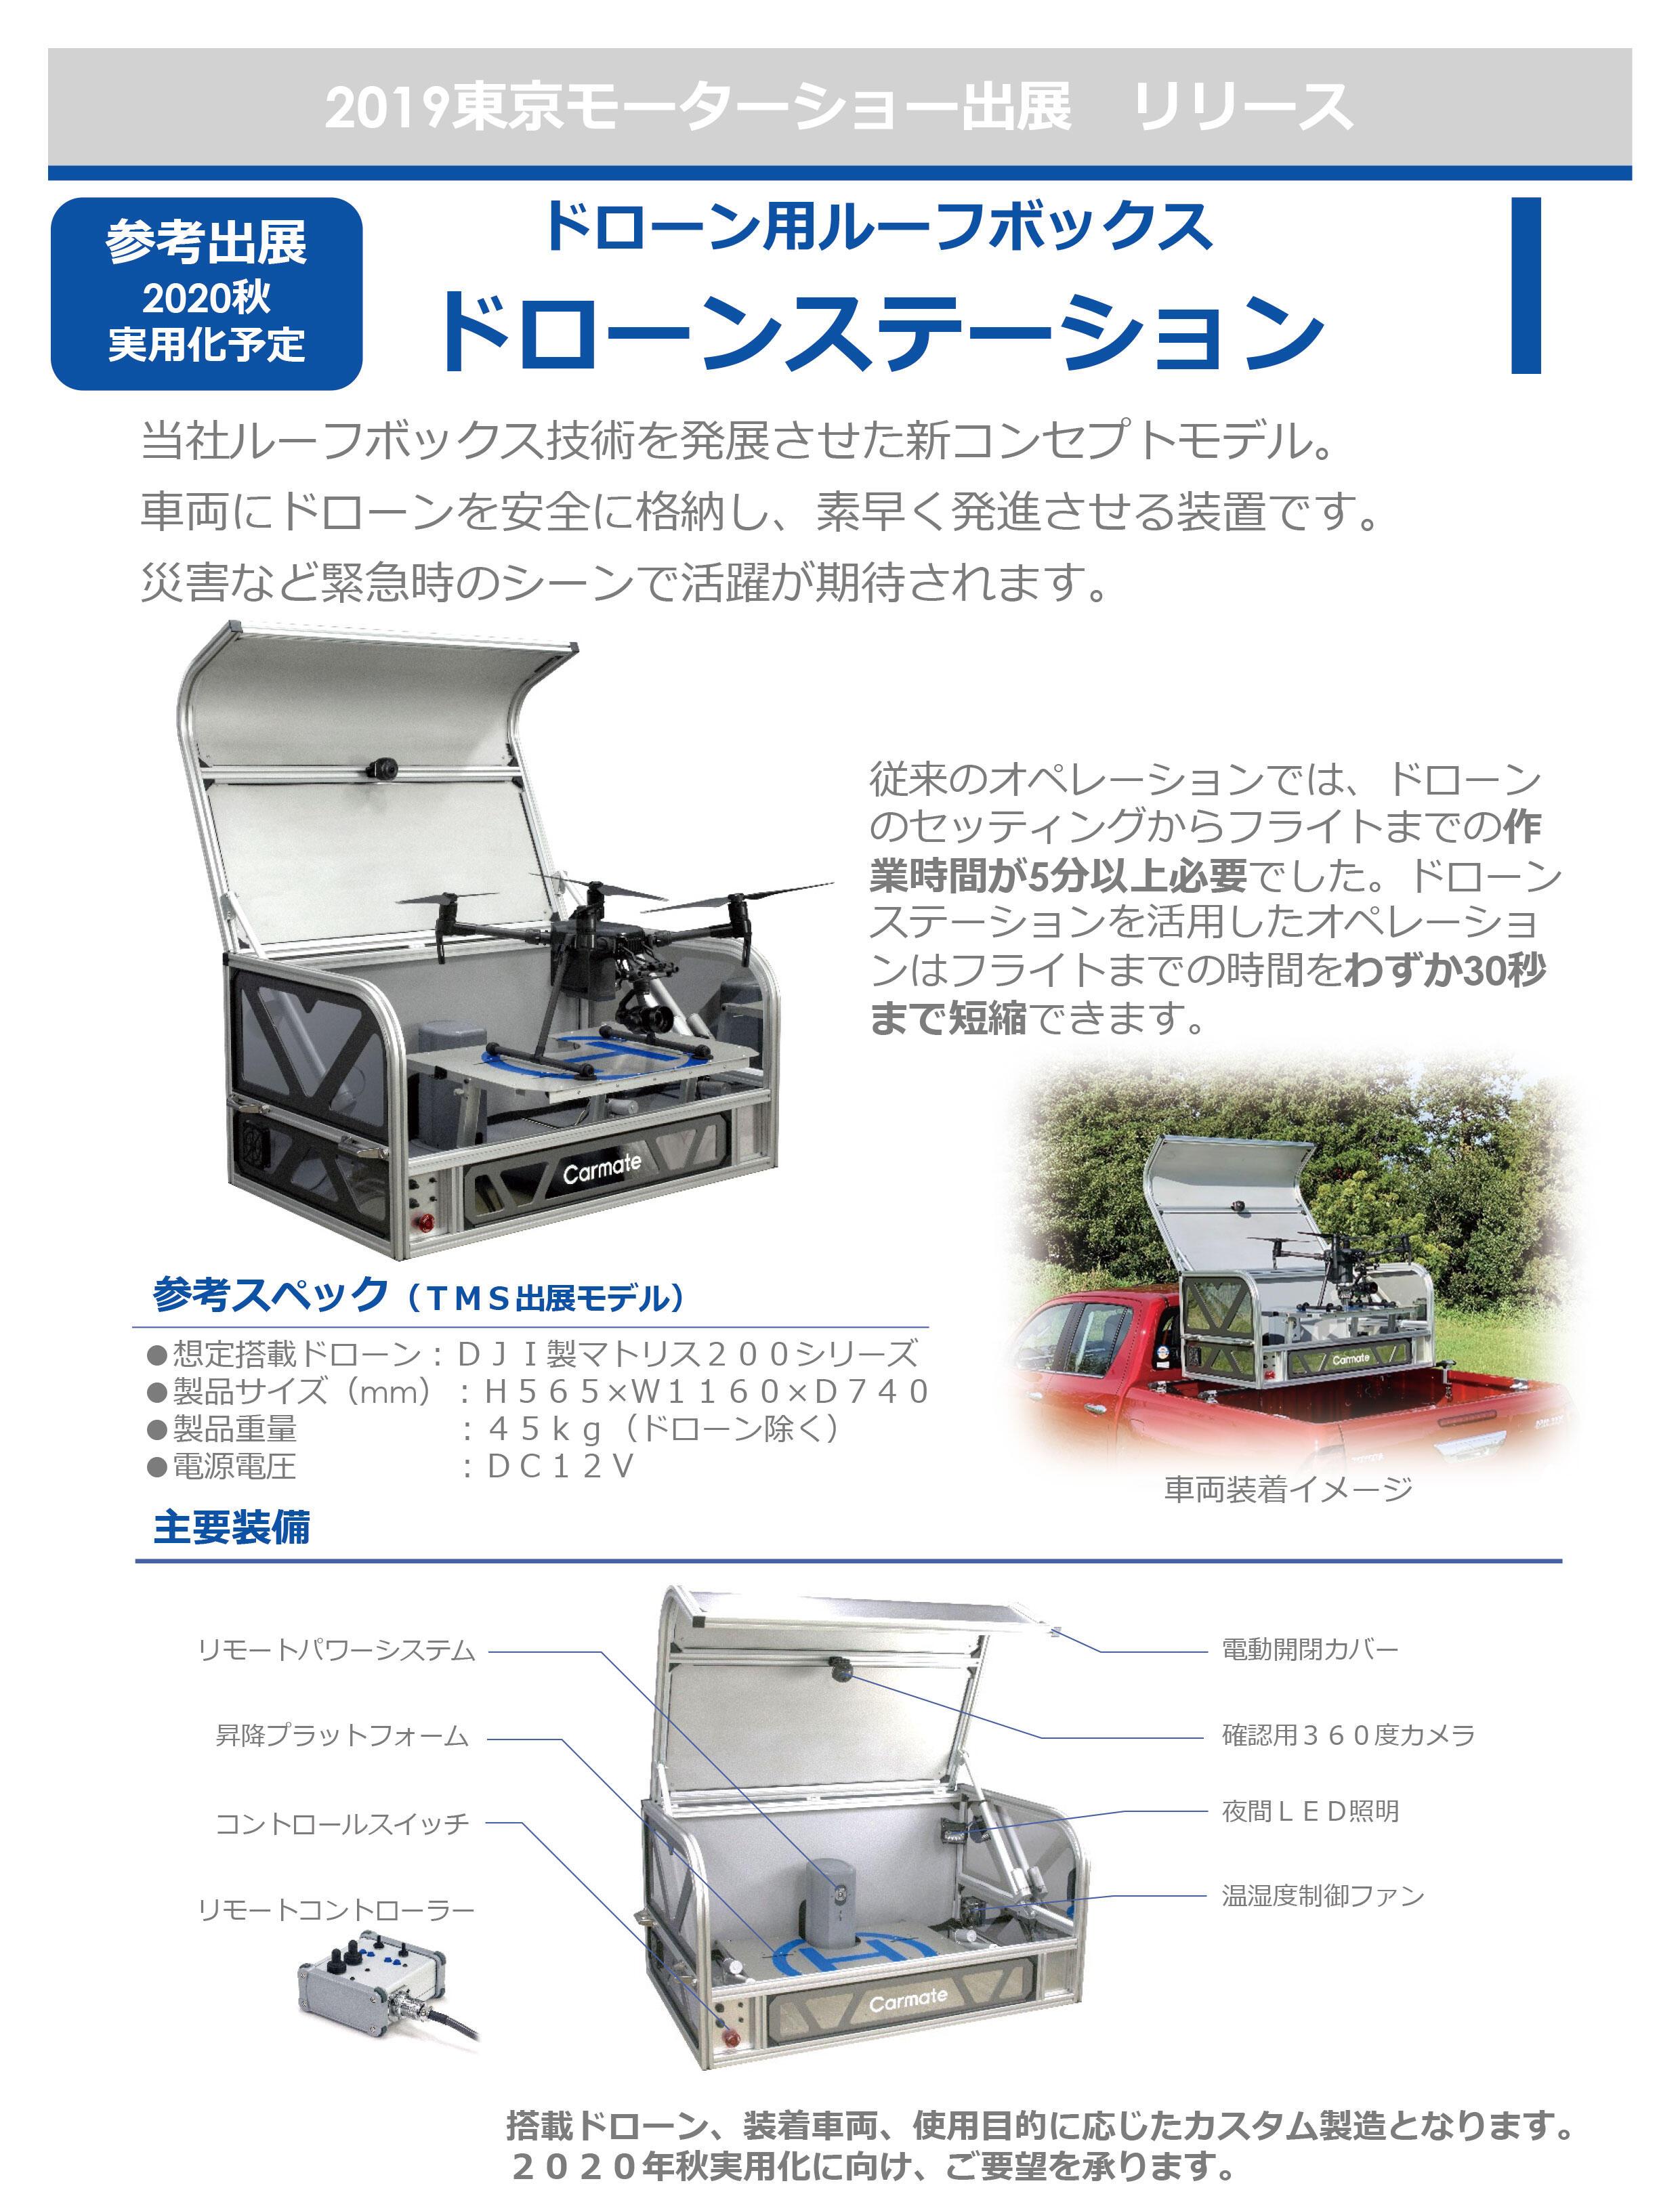 2020秋実用化予定ドローンステーション株式会社カーメイト